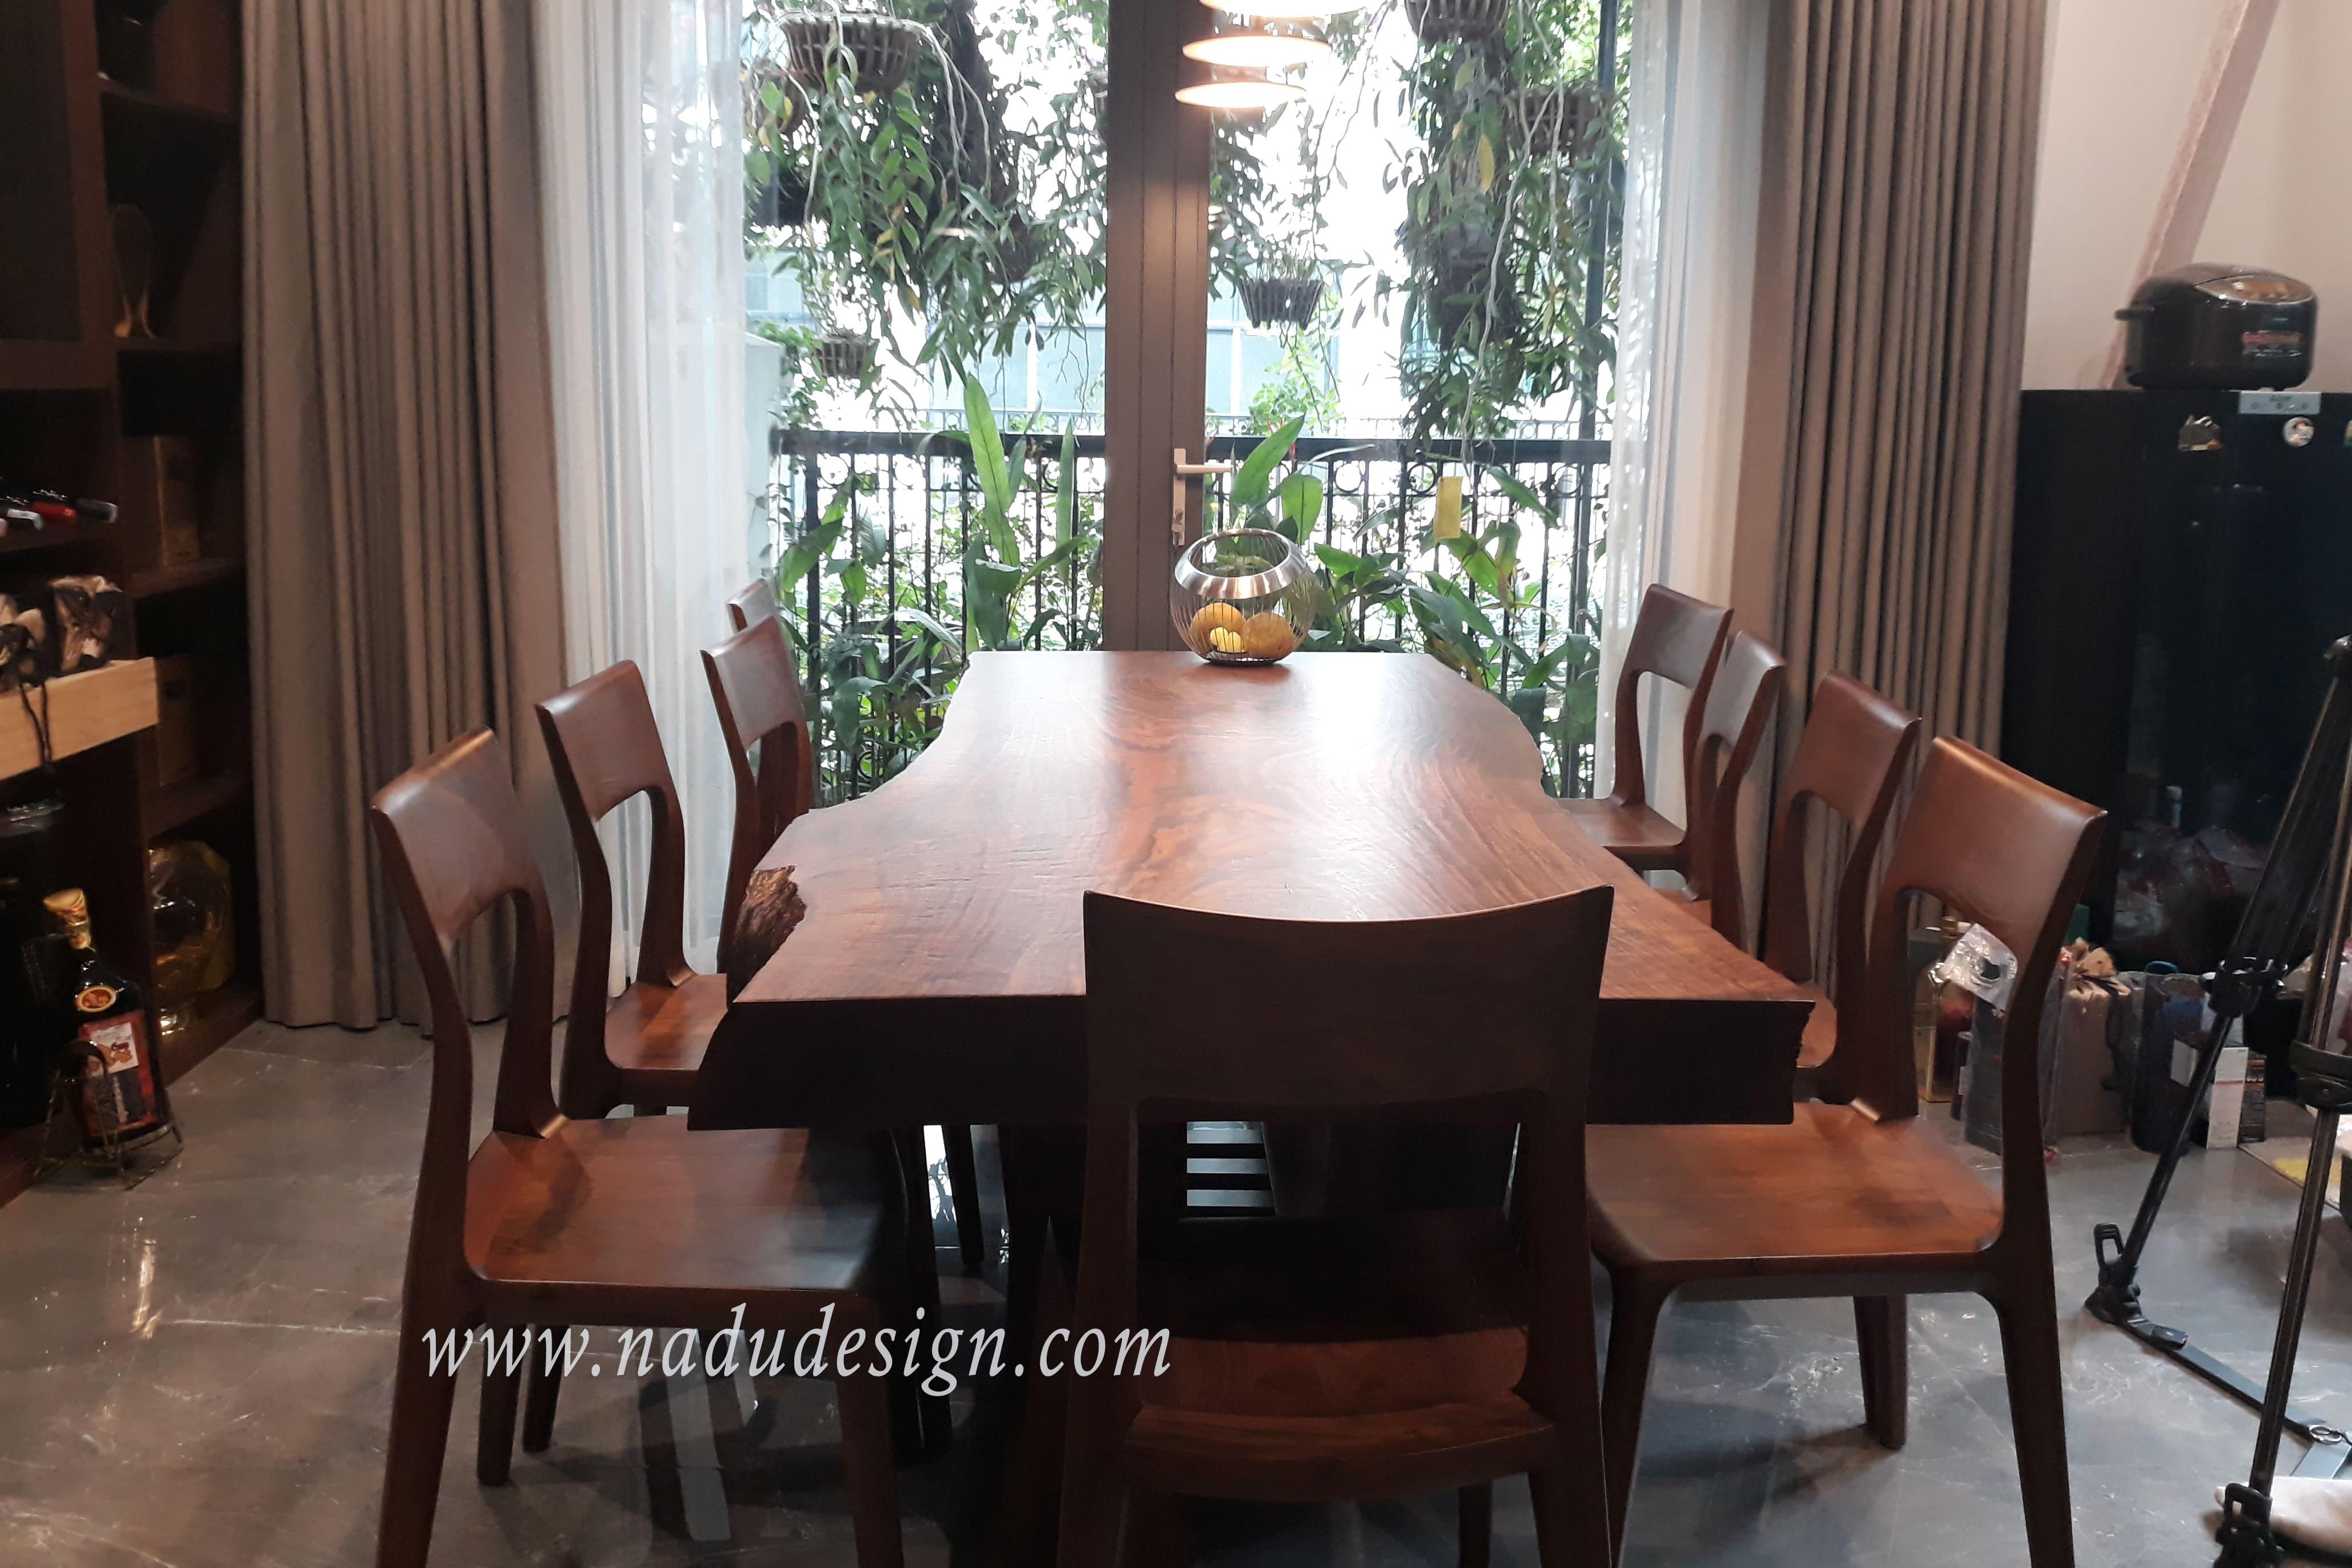 bộ bàn ăn nguyên tấm gỗ óc chó 8 ghế